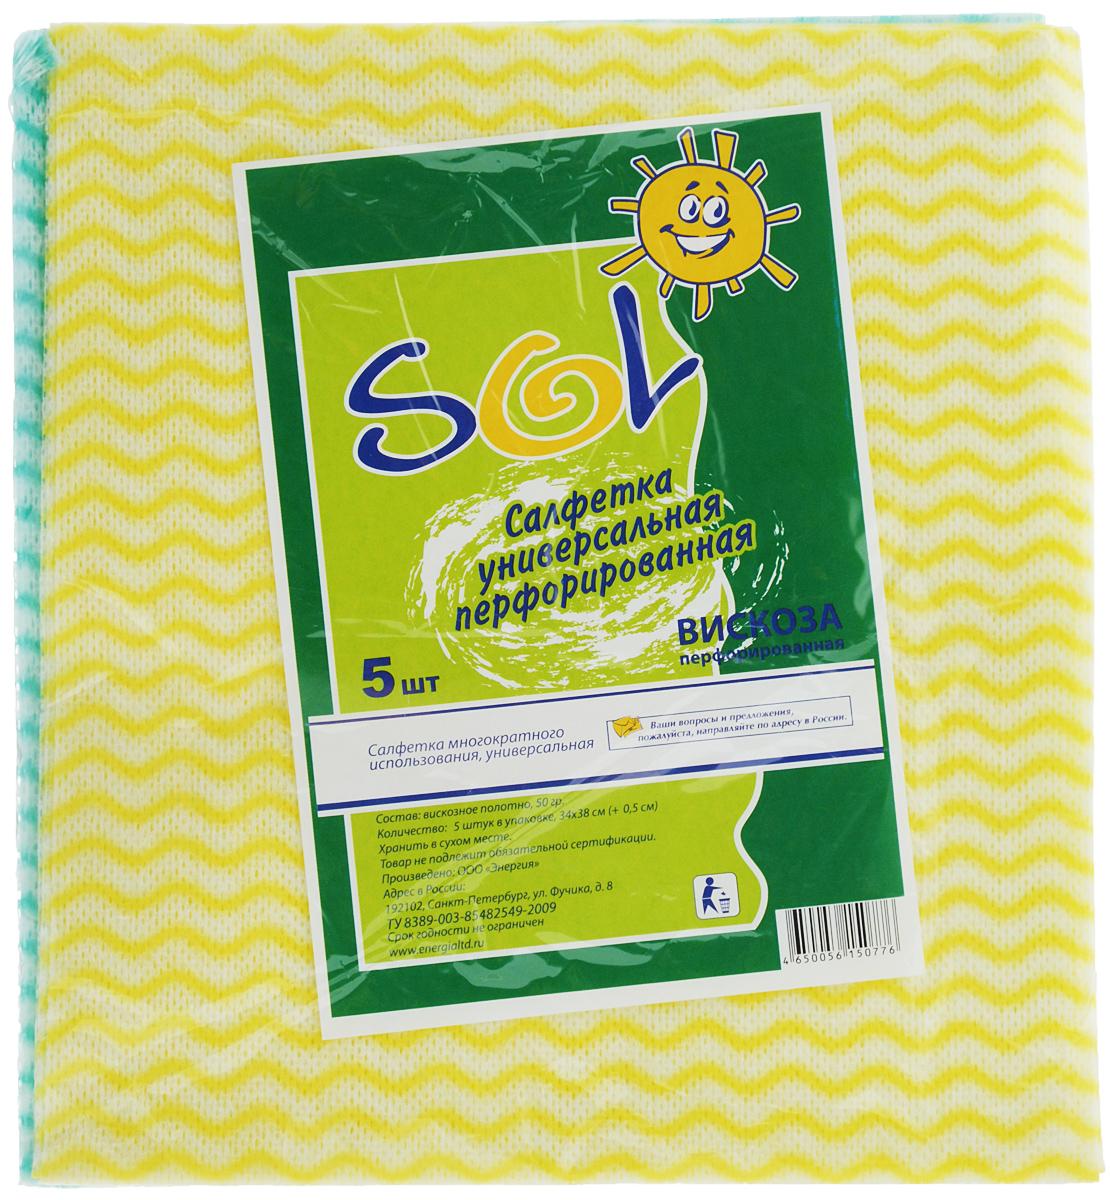 Салфетка для уборки Sol из вискозы, перфорированная, цвет: желтый, зеленый, 34 x 38 см, 5 шт10005/10053_желтый, зеленыйПерфорированные салфетки для уборки Sol, выполненные из вискозы, предназначены для уборки и могут применяться с различными моющими средствами. Эффективно впитывают жидкость. Мягкие и прочные, легко отжимаются и быстро сохнут. Рекомендации по уходу: Для обеспечения гигиеничности уборки после применения прополоскать в теплой воде. Для продления срока службы не применять машинную стирку, не гладить и не кипятить.